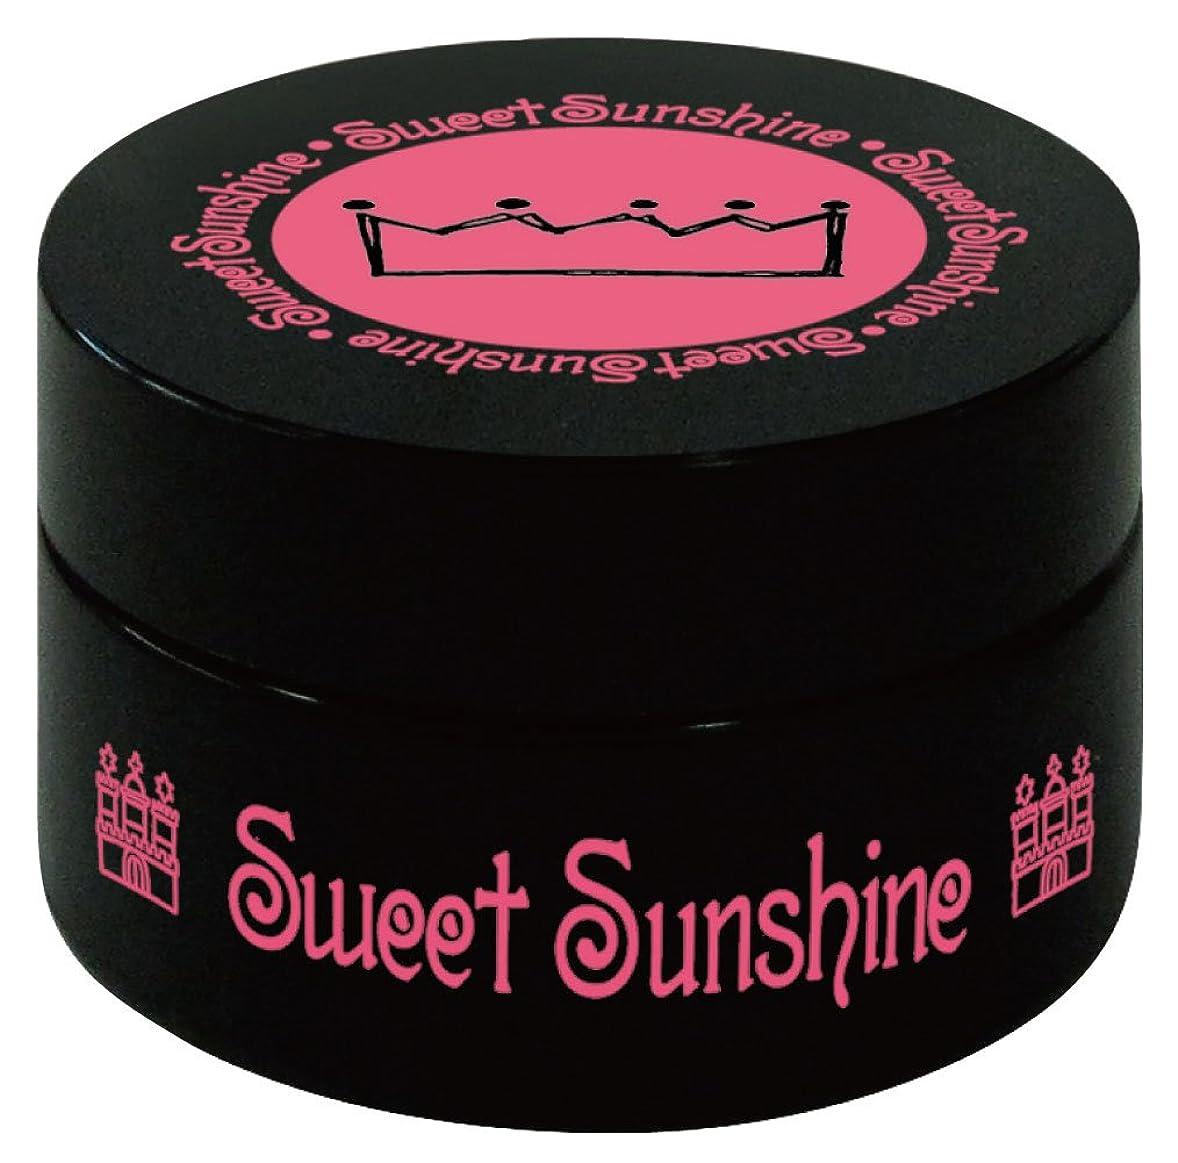 人絶望的なメドレー最速硬化LED対応 Sweet Sunshine スィート サンシャイン カラージェル SC-39 4g ベビーピンク